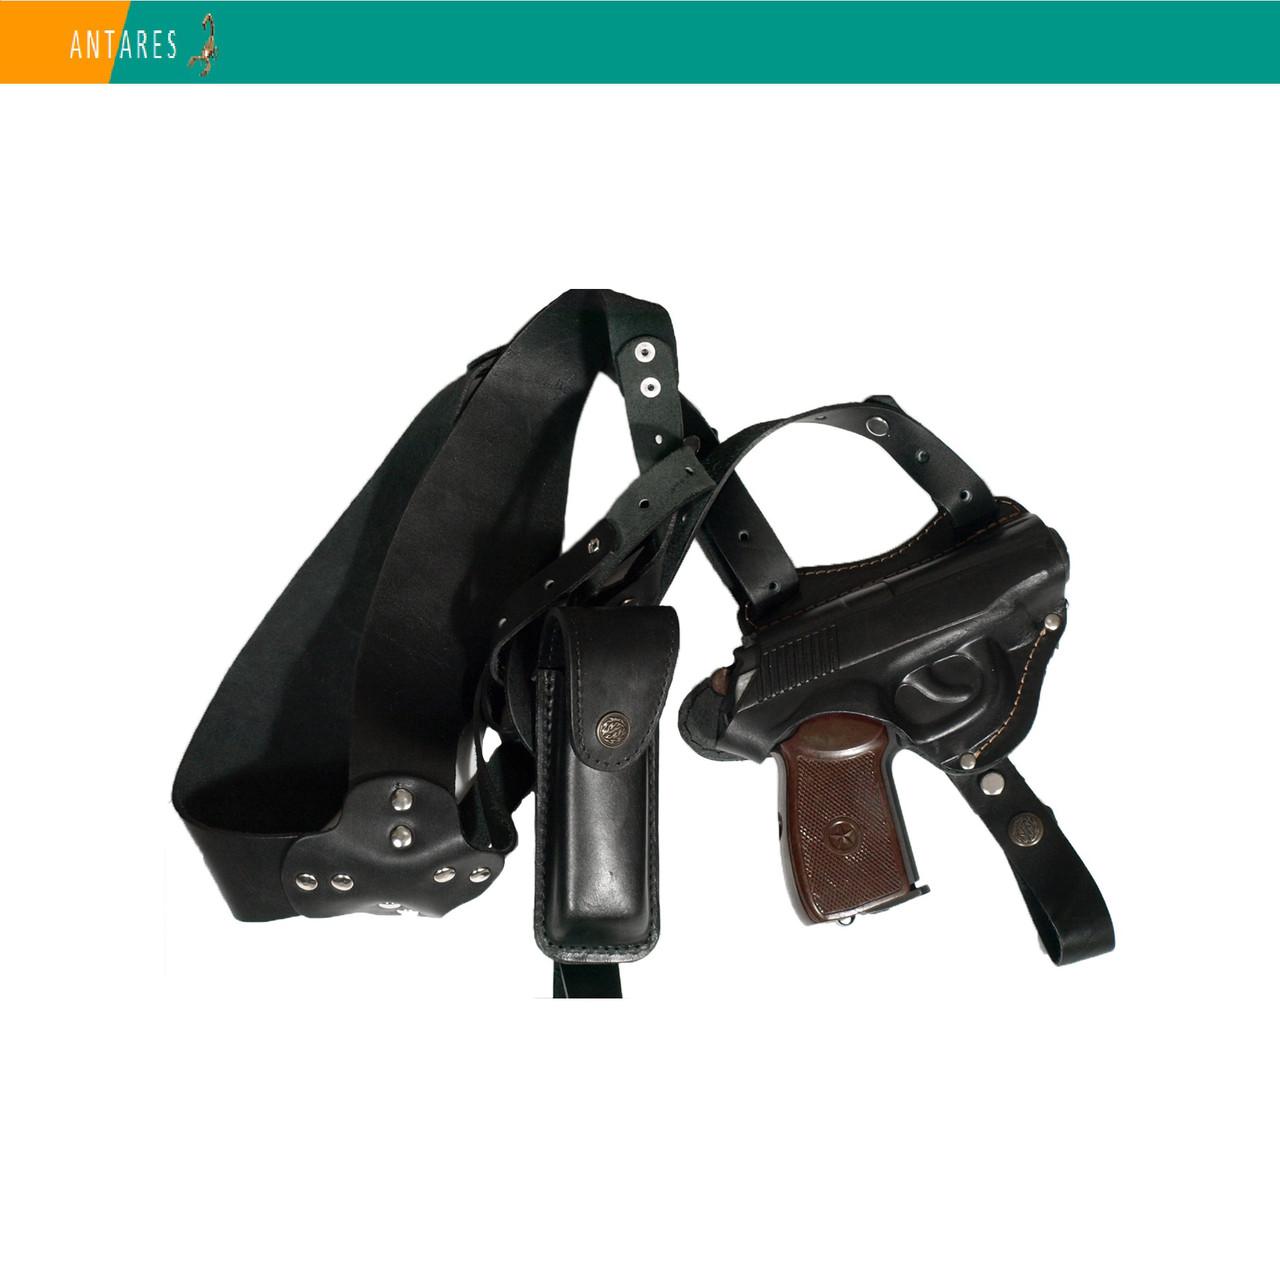 Кобура ПМ оперативная натуральная кожа двусторонняя с чехлом для магазина (006) плечевое ношение под мышкой